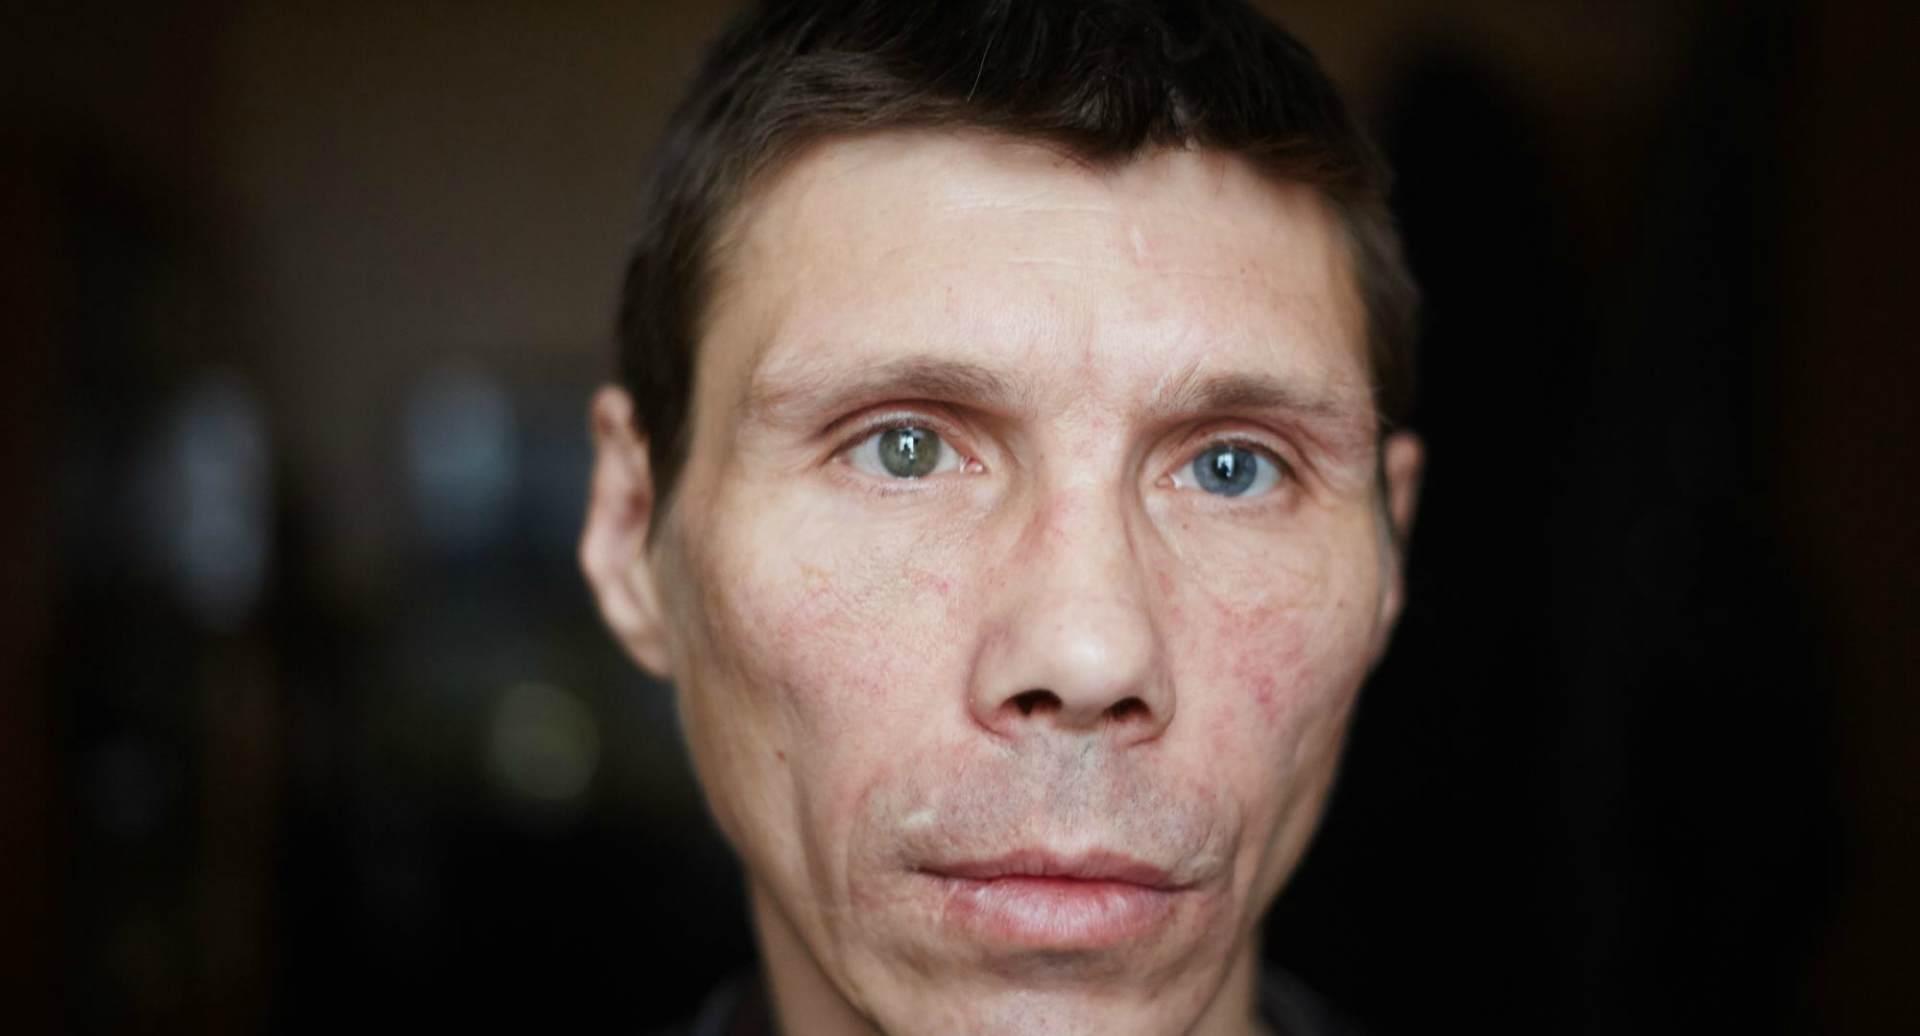 Врачи постановили, что Бурдин страдает хроническим психическим расстройством